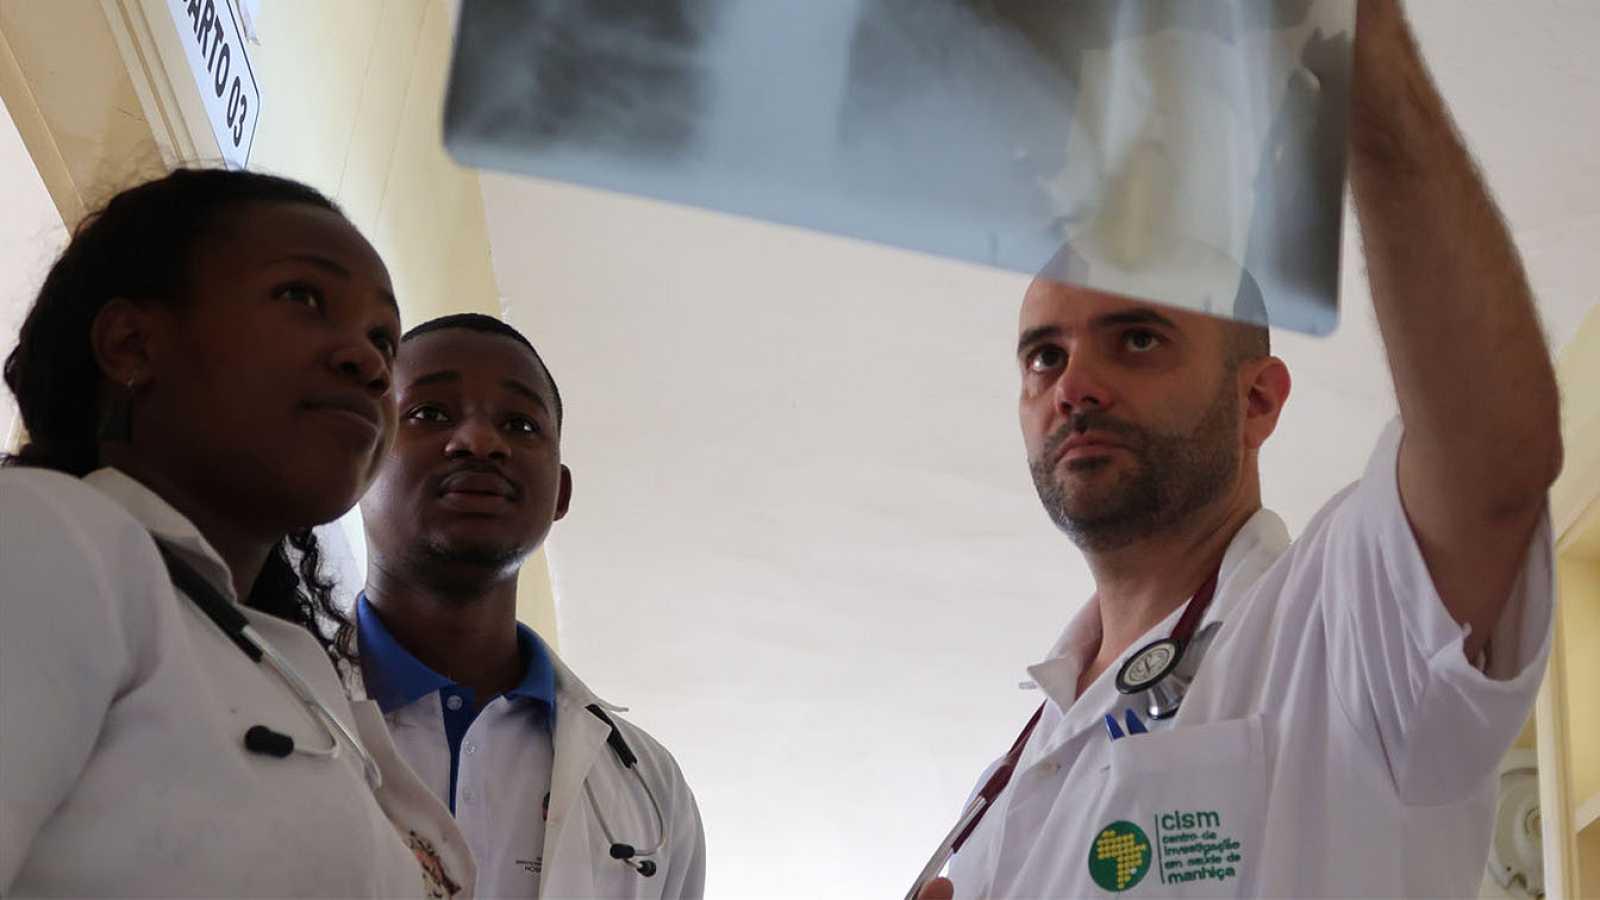 África hoy - Importante avance en el diagnóstico de la tuberculosis en Mozambique - 06/05/21 - escuchar ahora